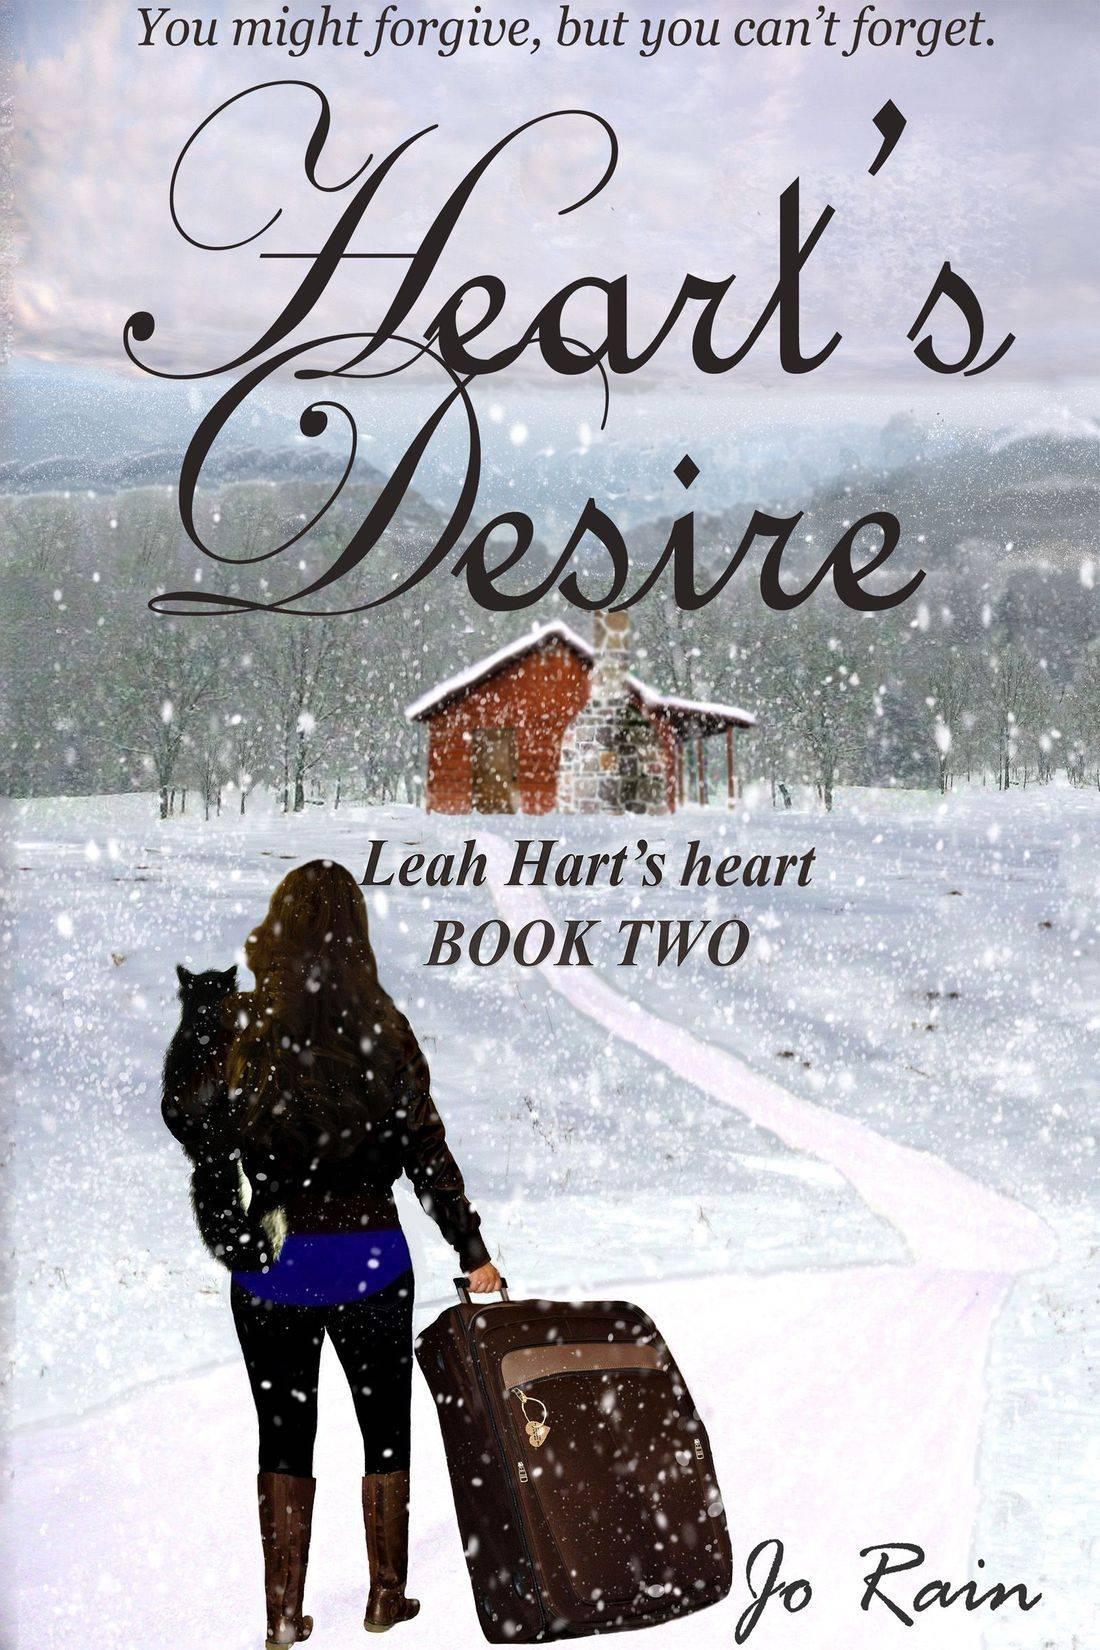 jo rain, leah hart's heart, leah hart series, heart's desire